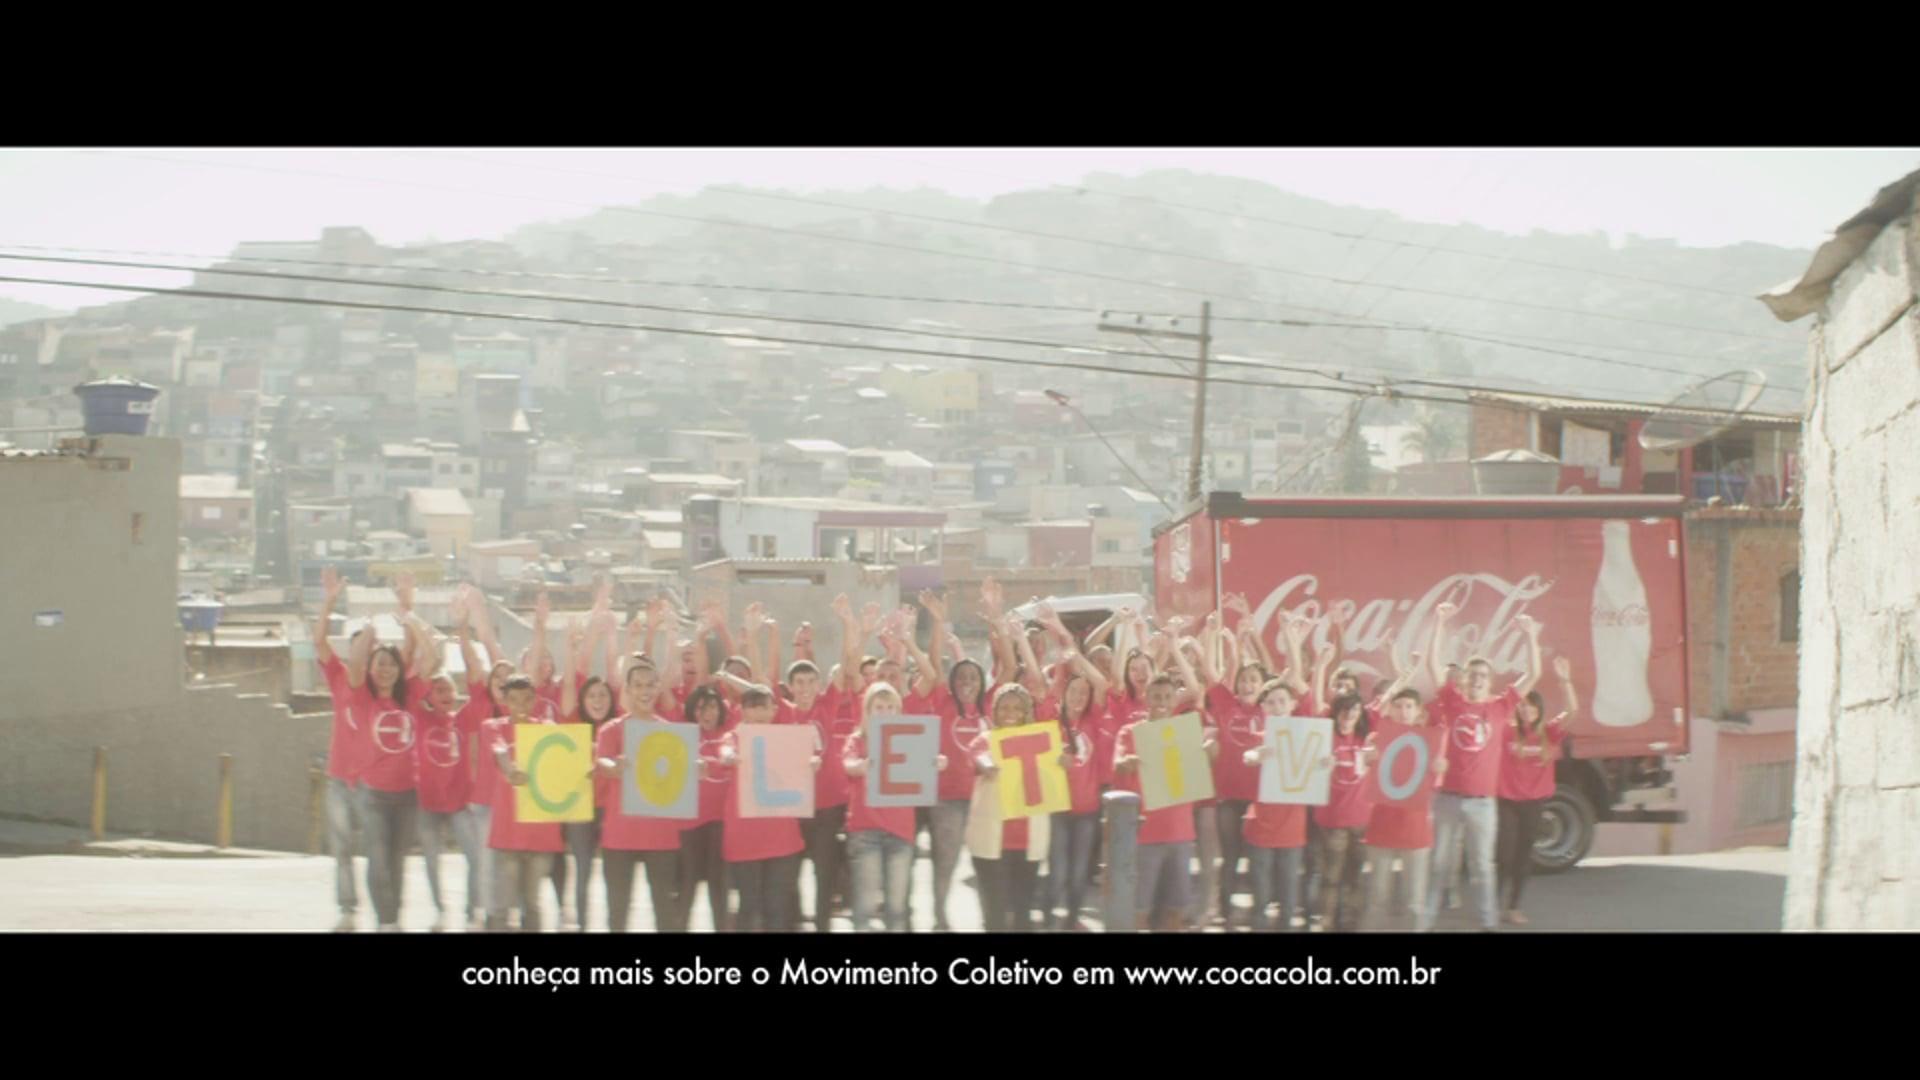 Coca-Cola - Coletivo